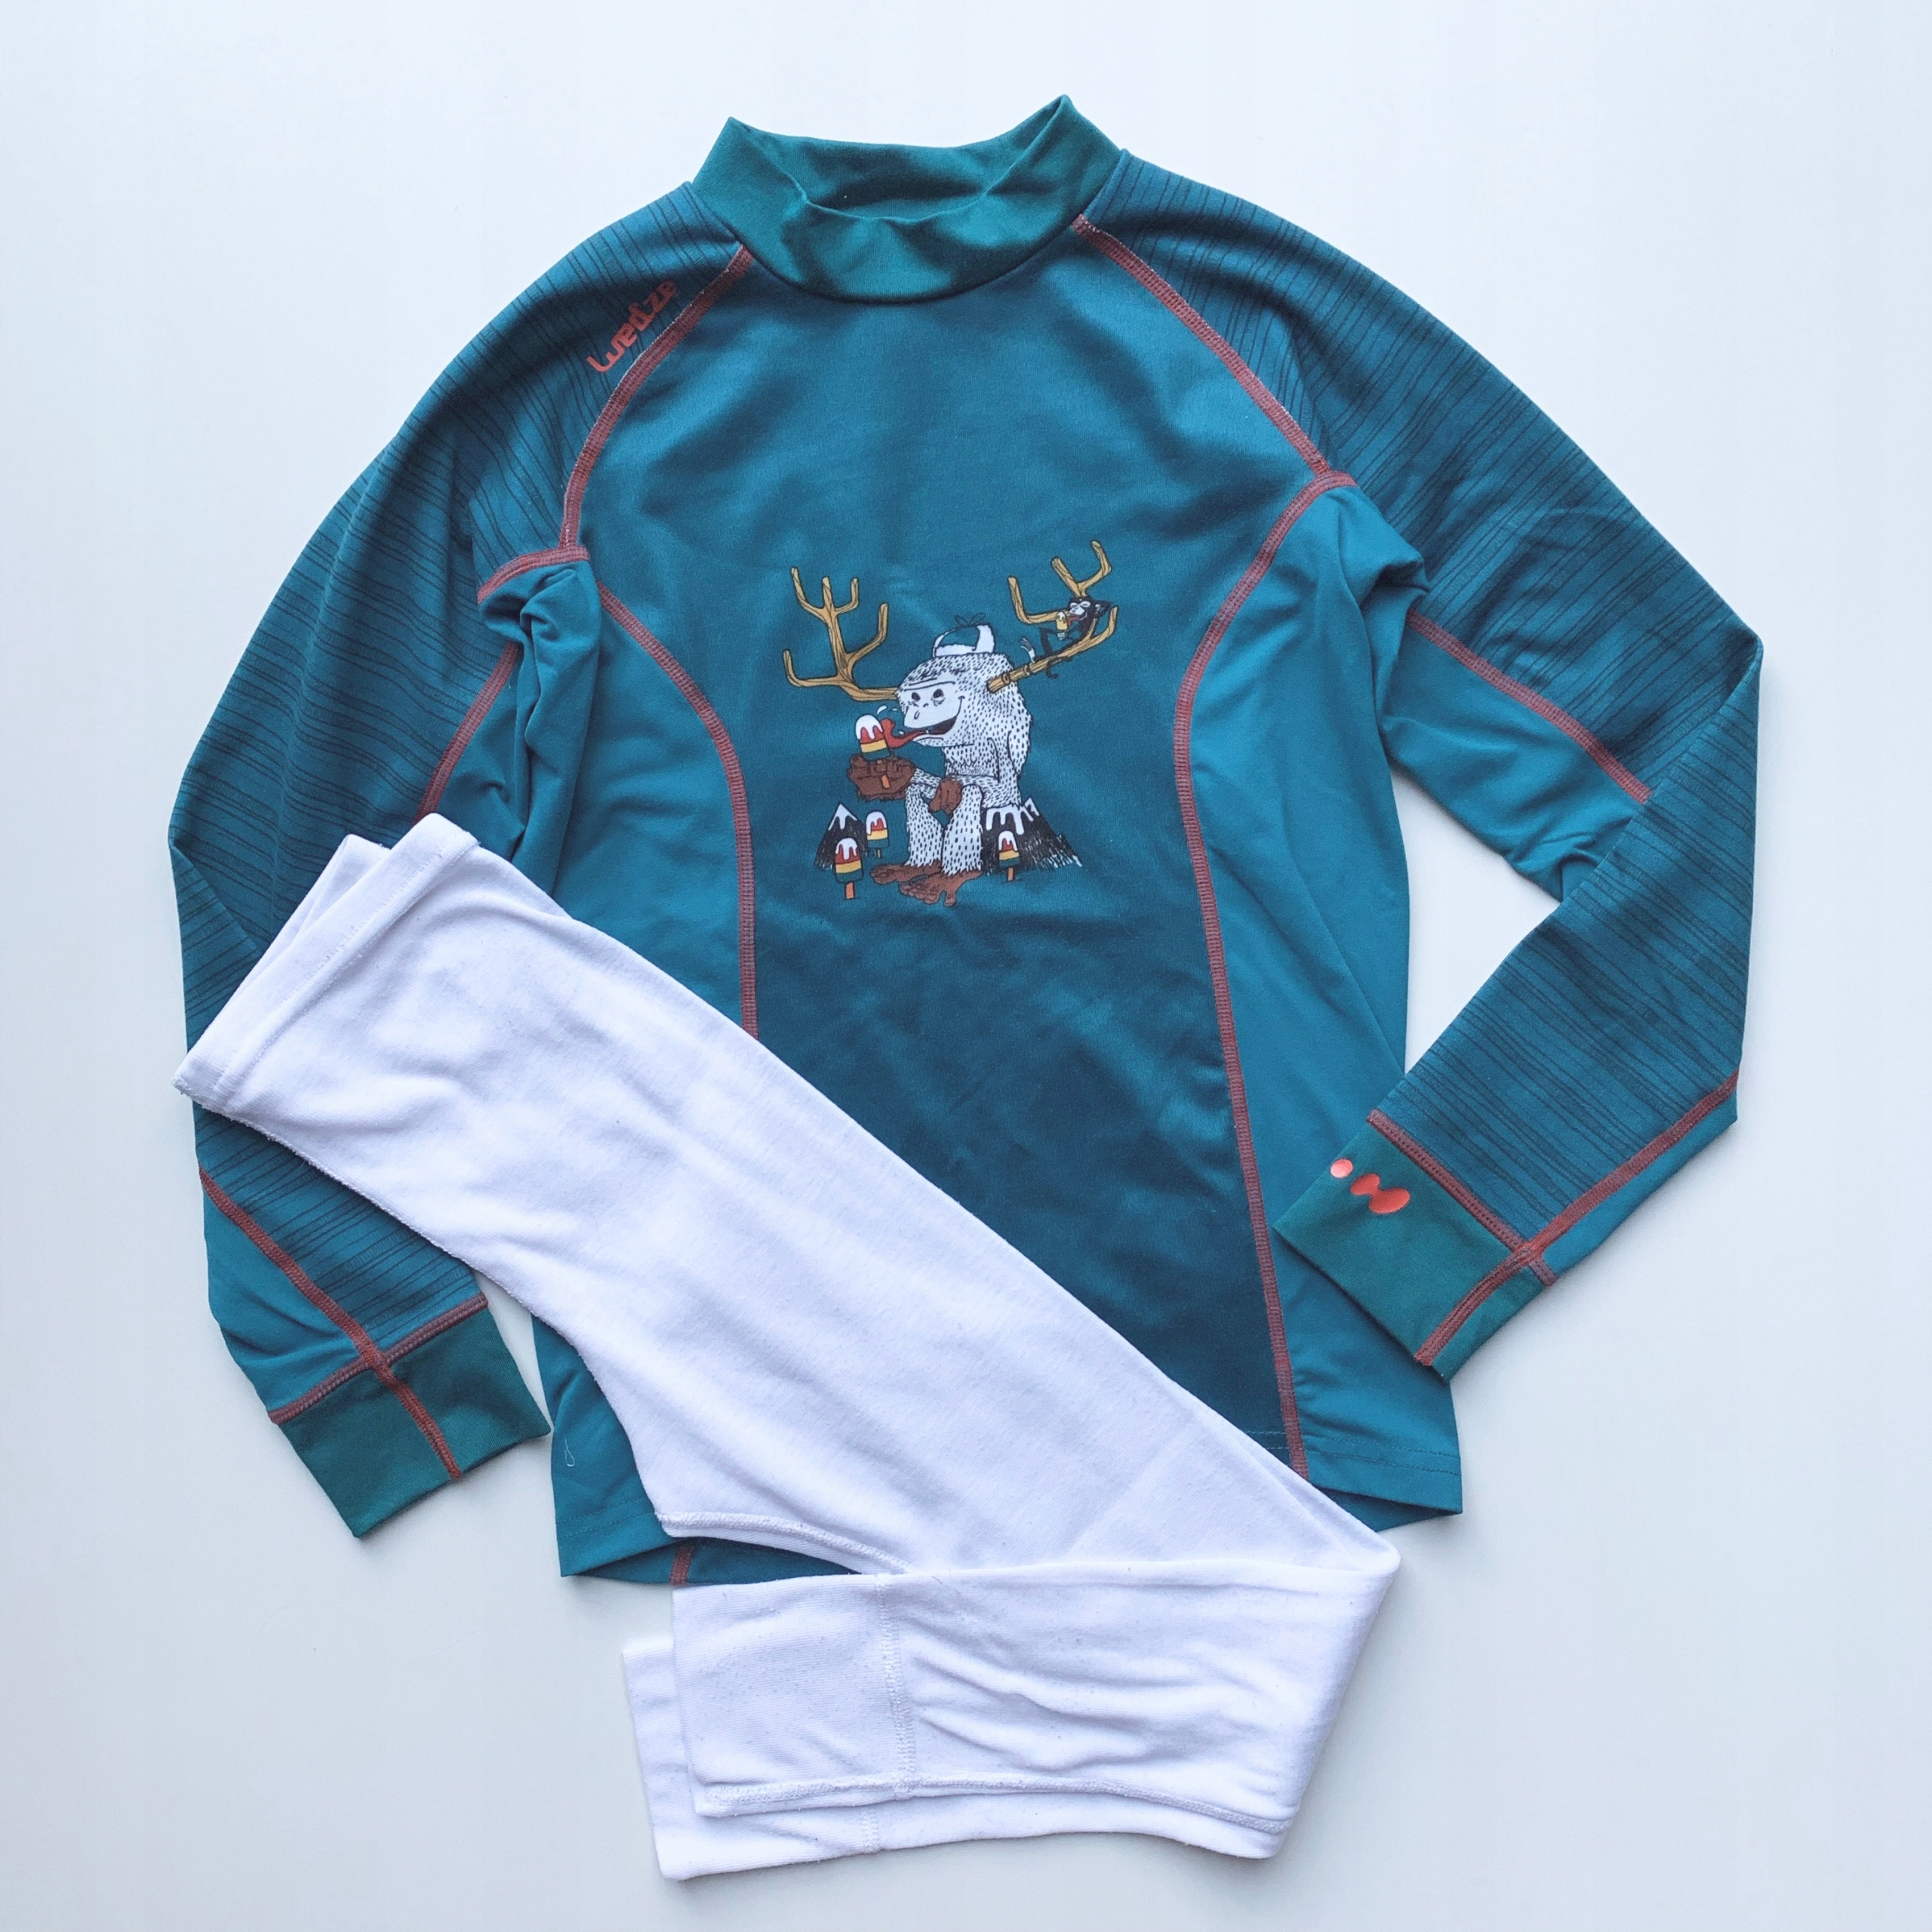 Zestaw zimowy, termiczna koszulka i legginsy 6/7l